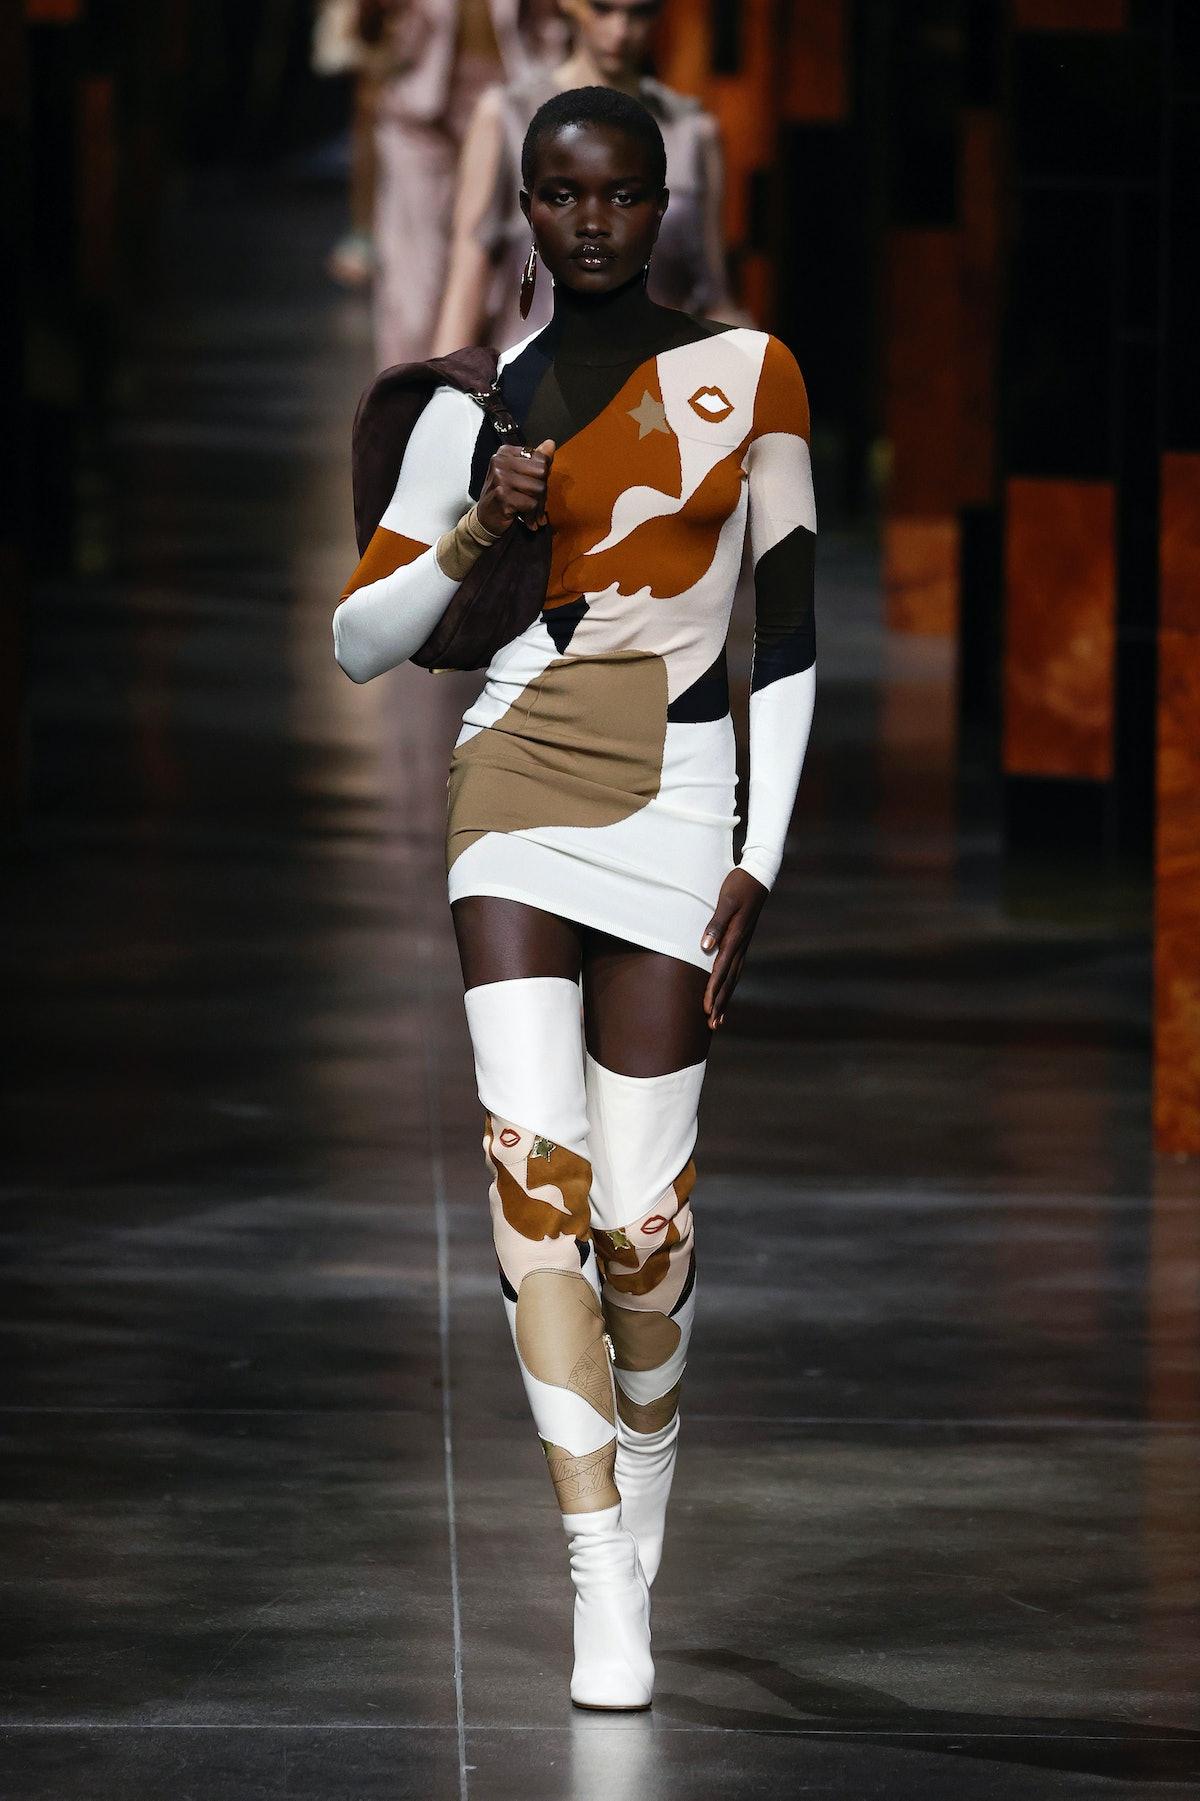 میلانو ، ایتالیا - 22 سپتامبر: یک مدل در هنگام نمایش مد Fendi در طول میلان وو روی باند پیاده روی می کند ...